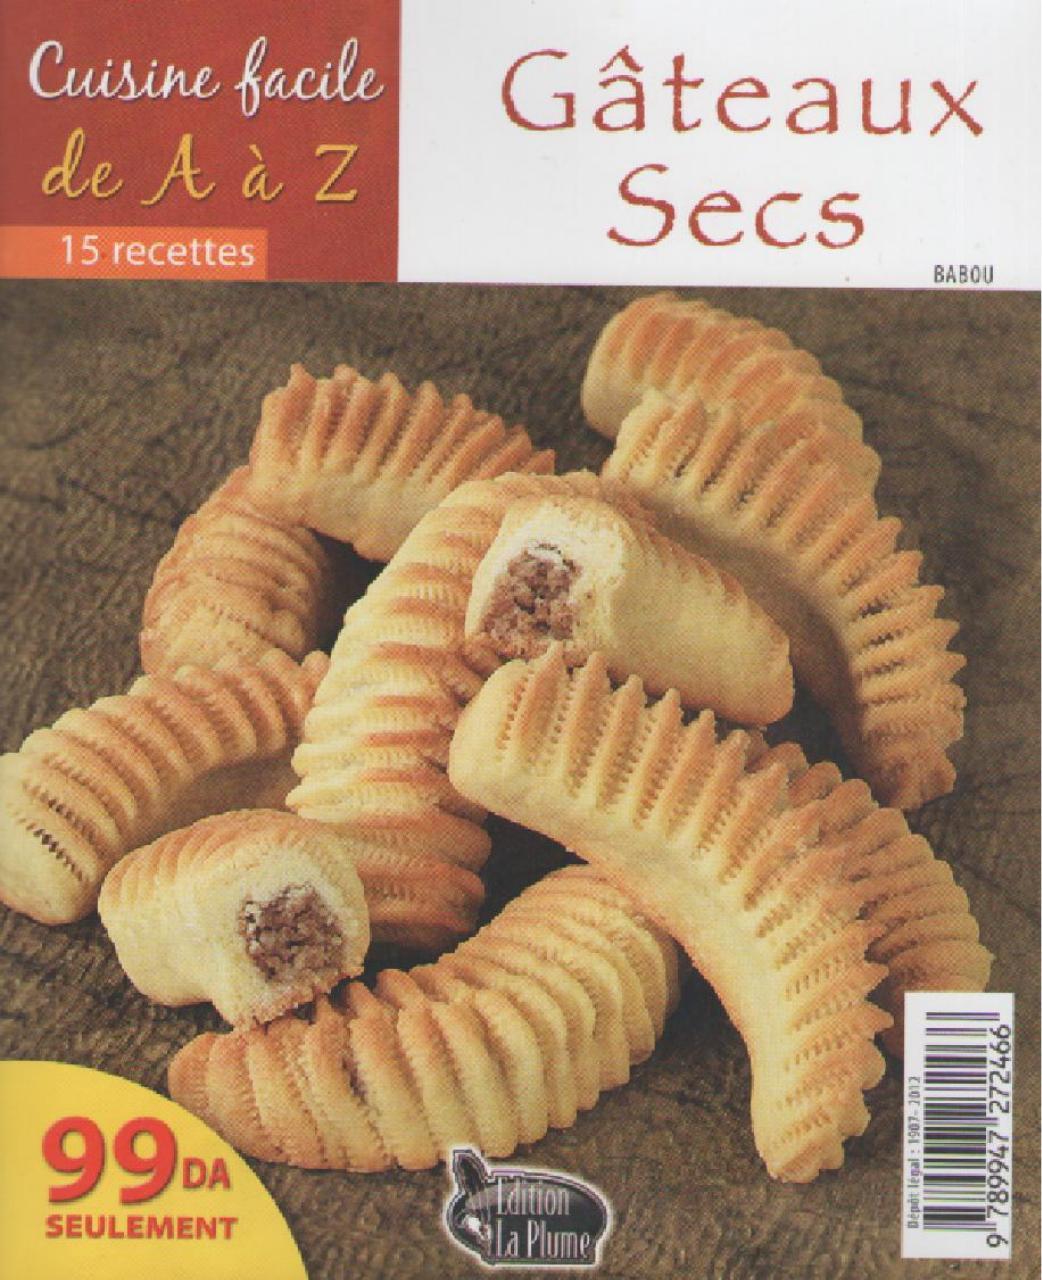 RECETTE_Cuisine_facile_de_A_a_Z_,_Gateaux_Secs.pdf , page 1/35